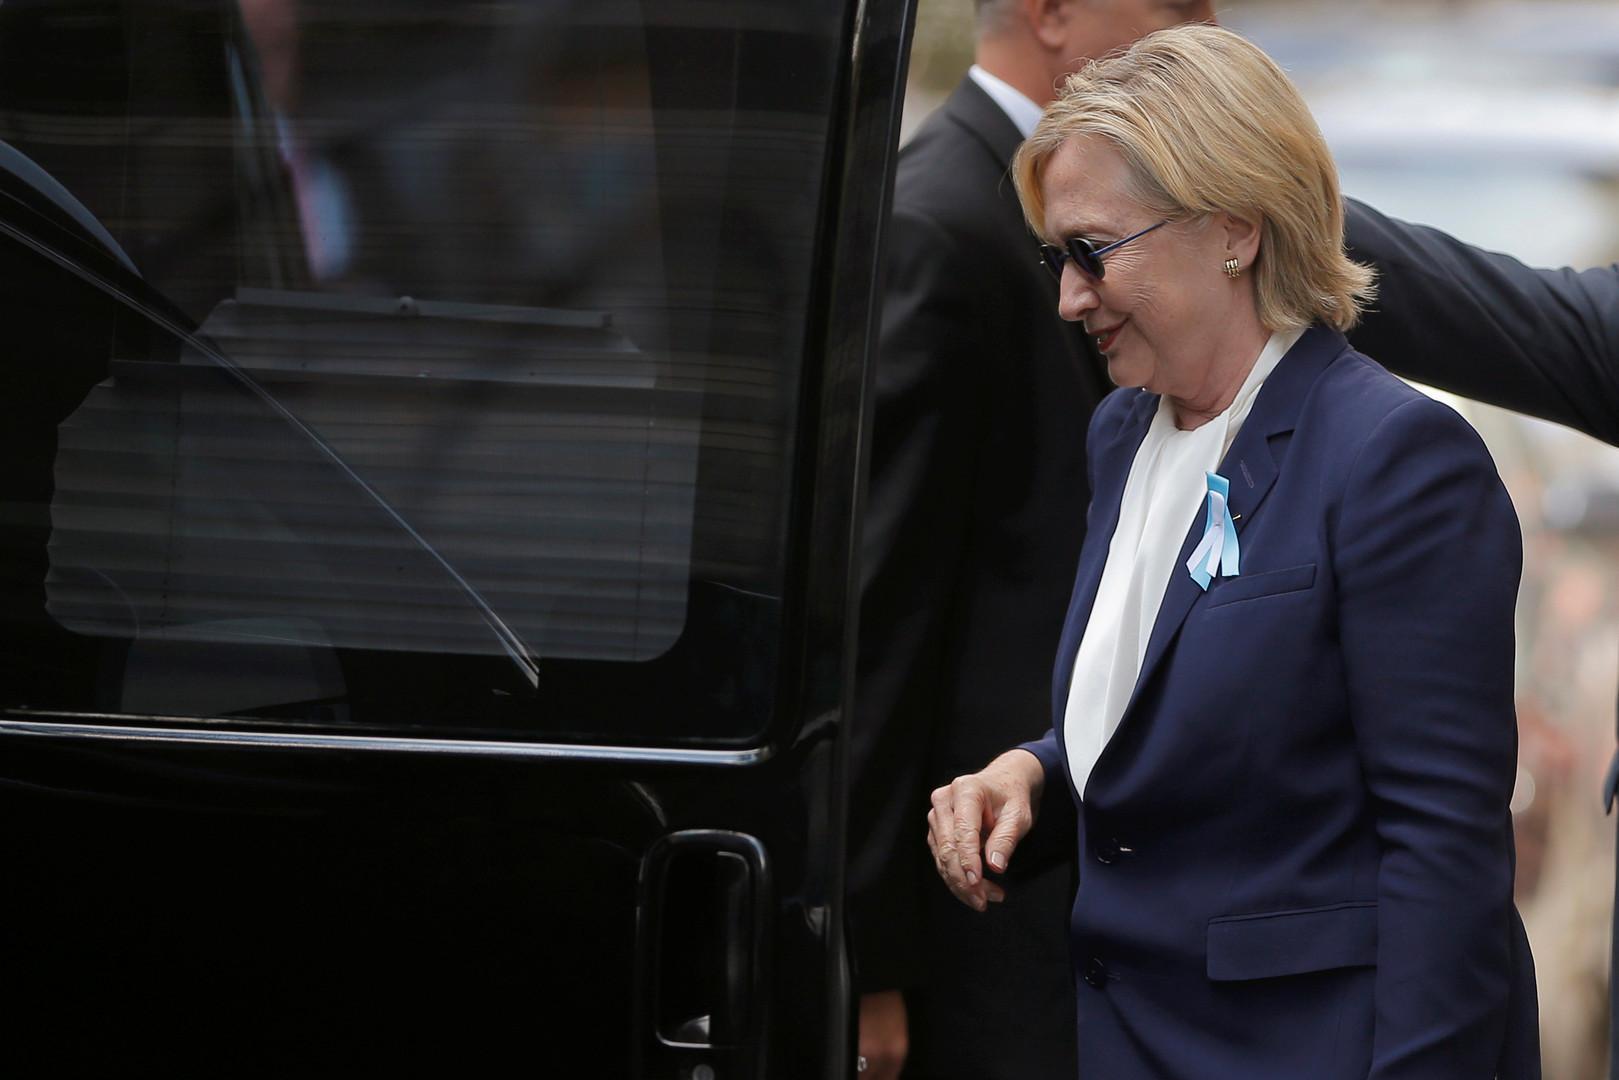 План Б — это Берни: в случае болезни Клинтон демократы хотят заменить её на Сандерса